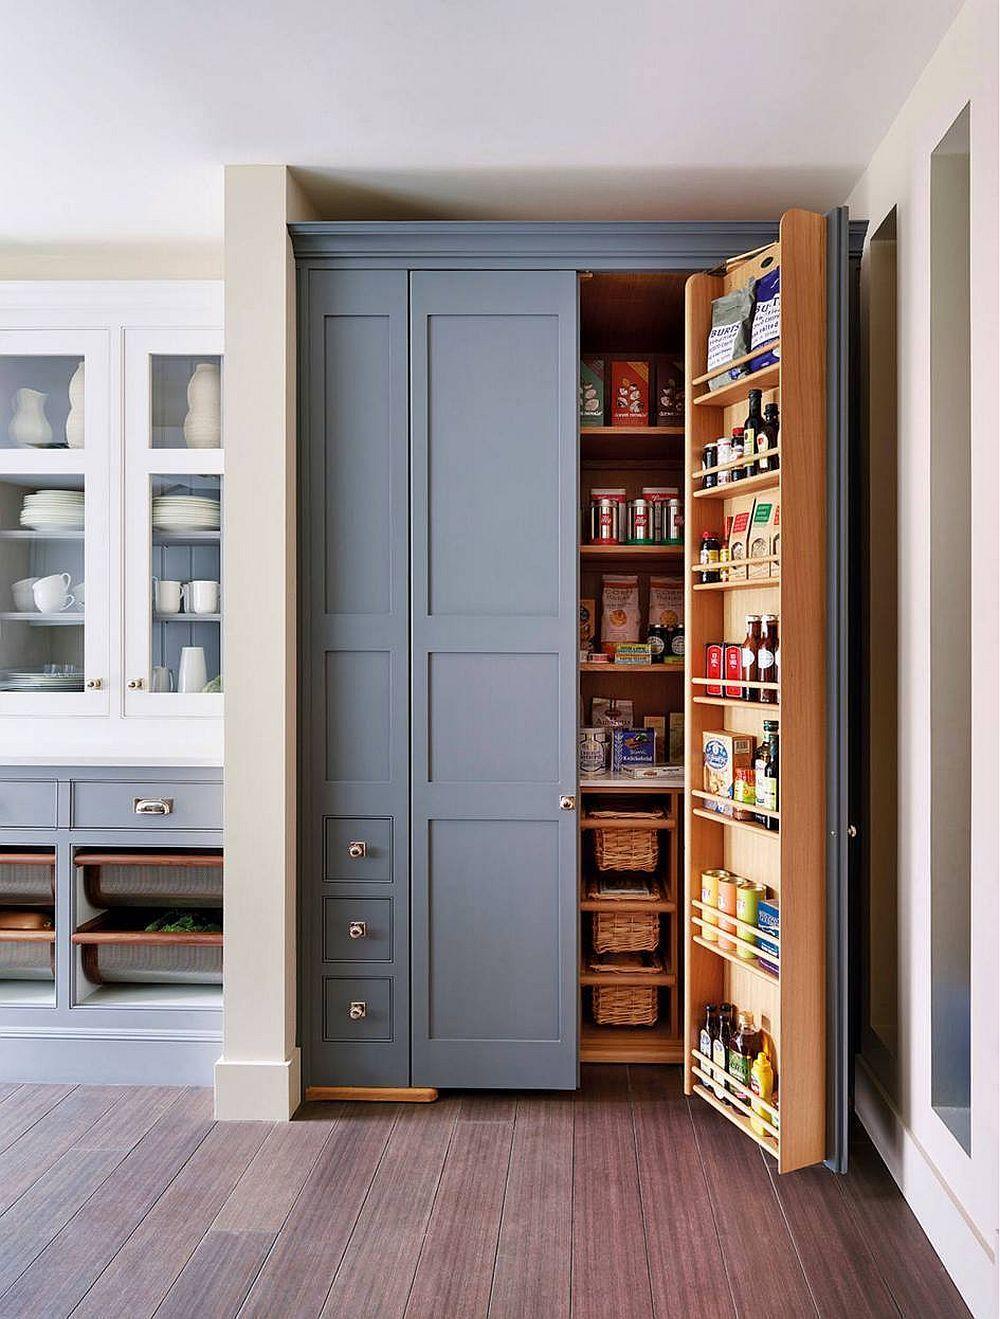 Delicieux 10 Kleine Pantry Küche Ideen Für Eine Organisierte, Raum  Versierte Küche